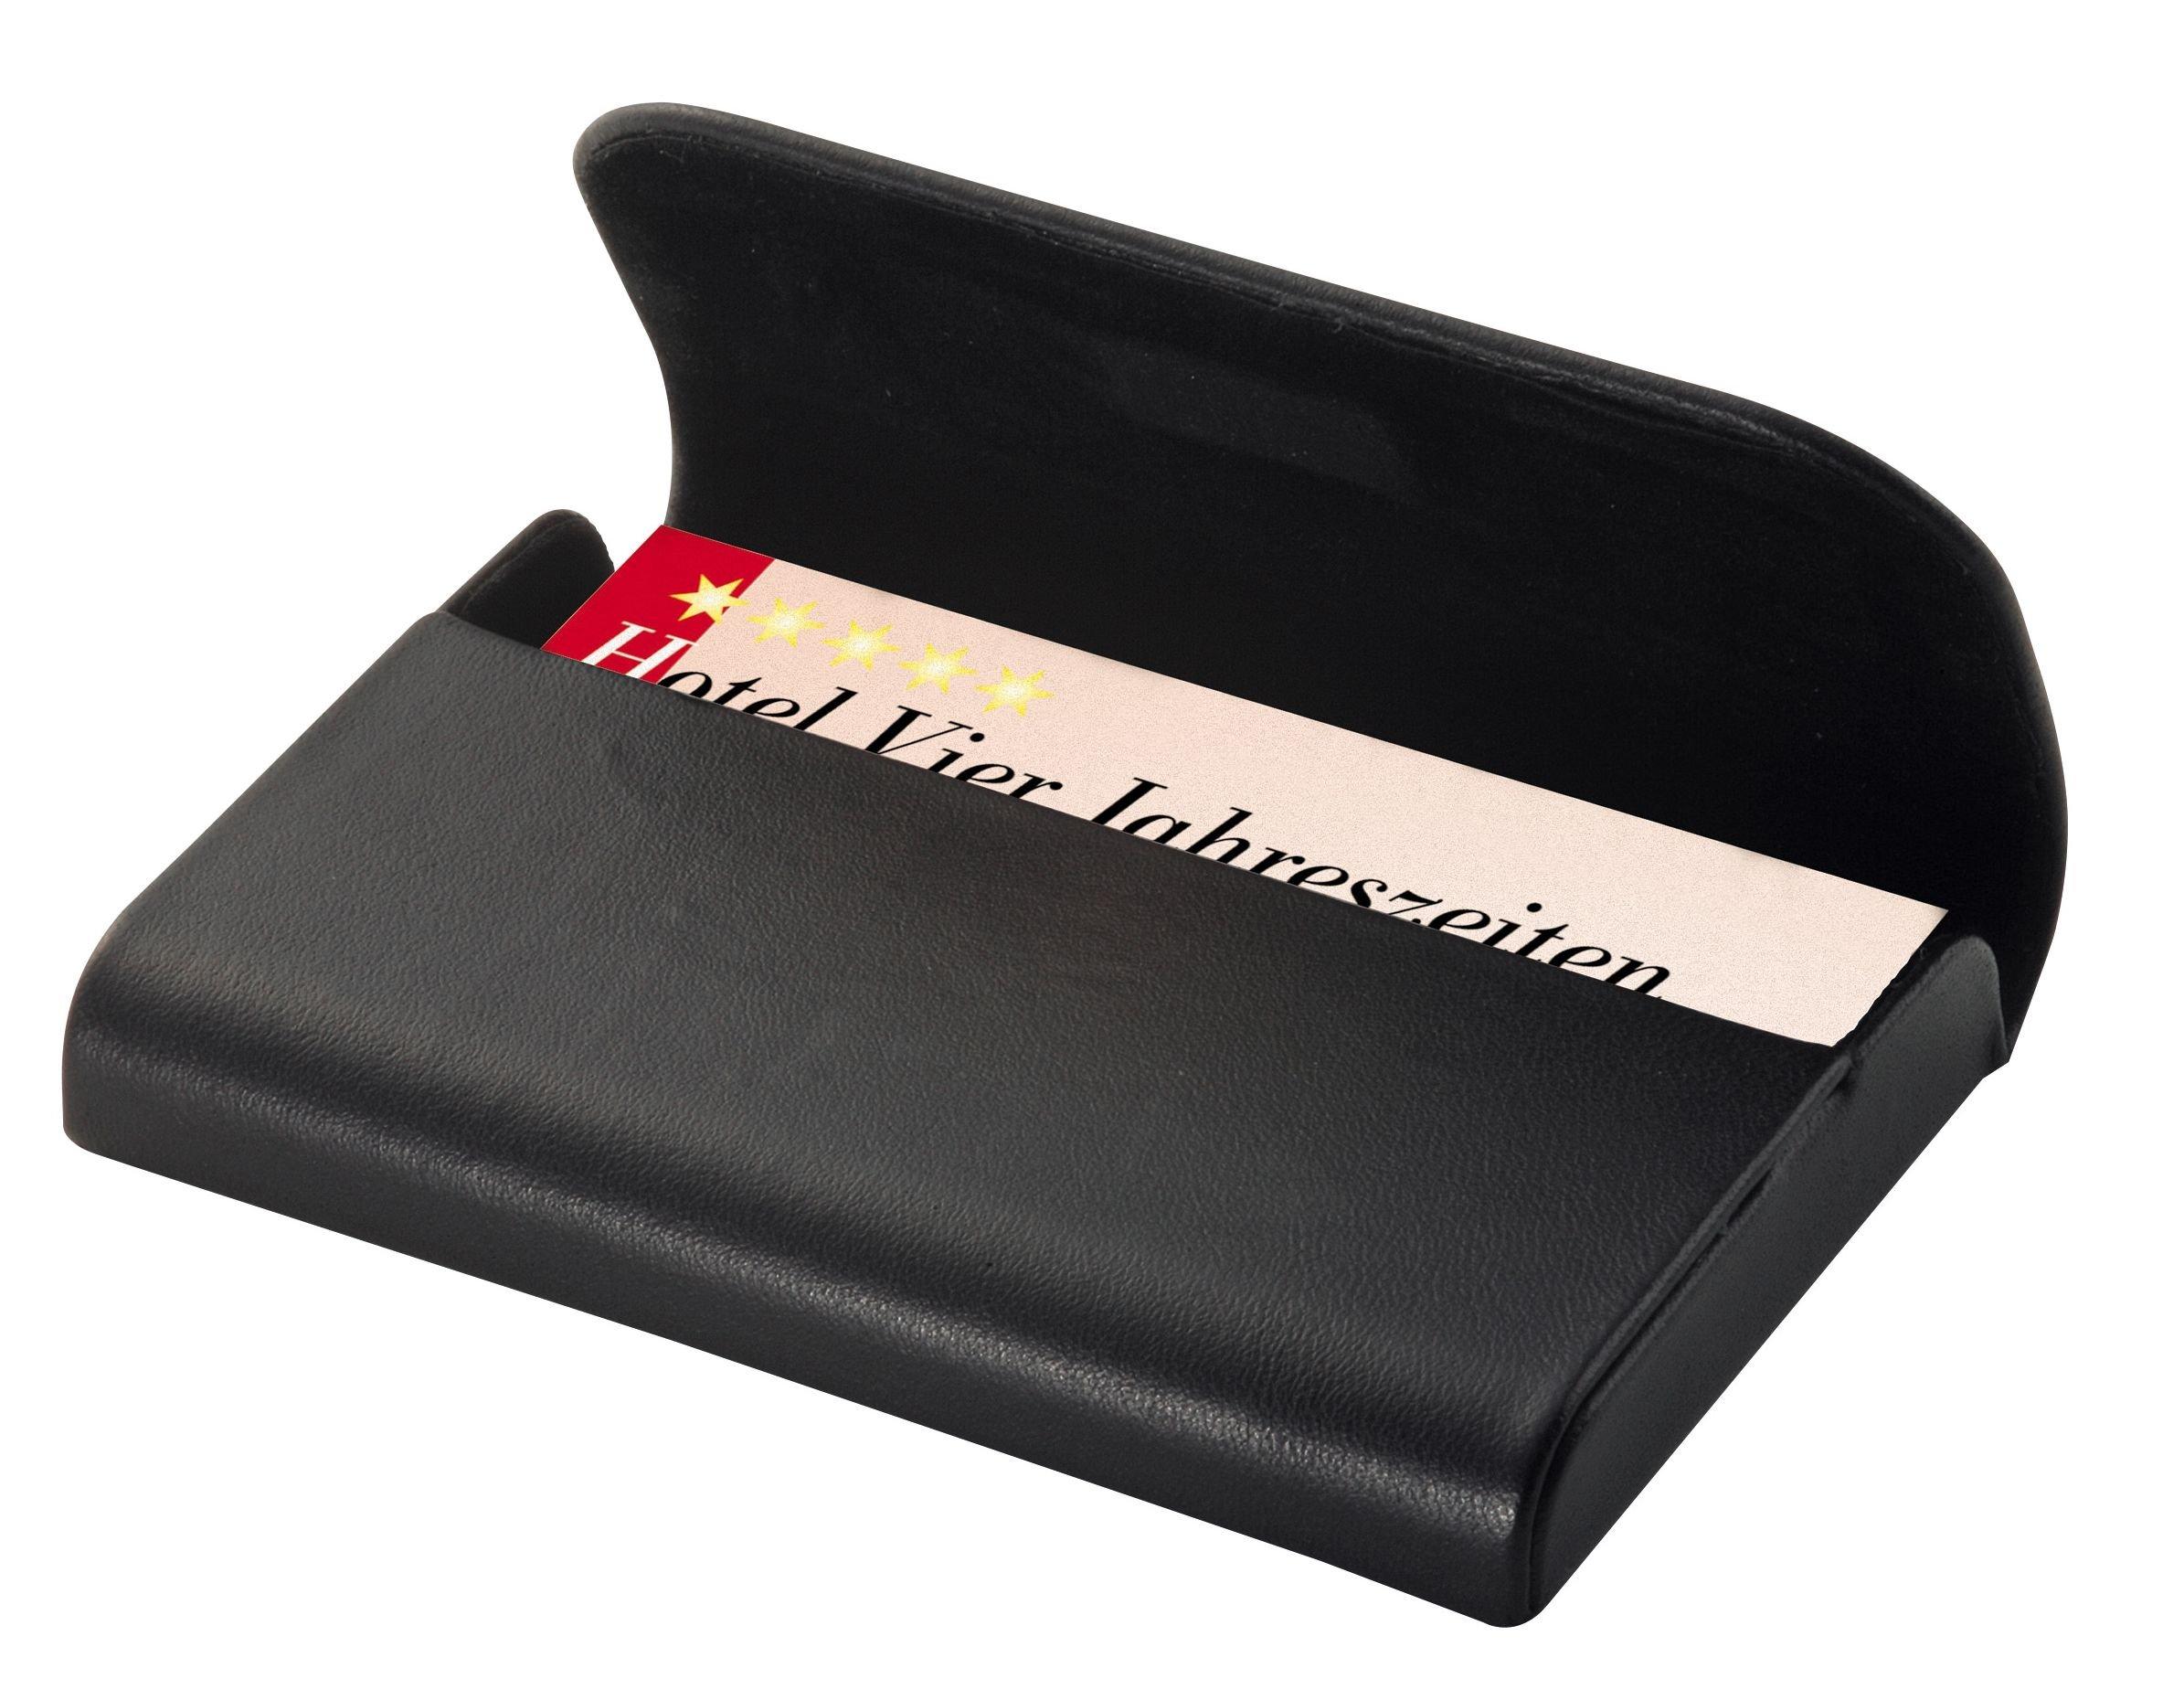 Sigel- Torino Estuche para tarjetas de visita, Color negro (VZ270): Amazon.es: Juguetes y juegos